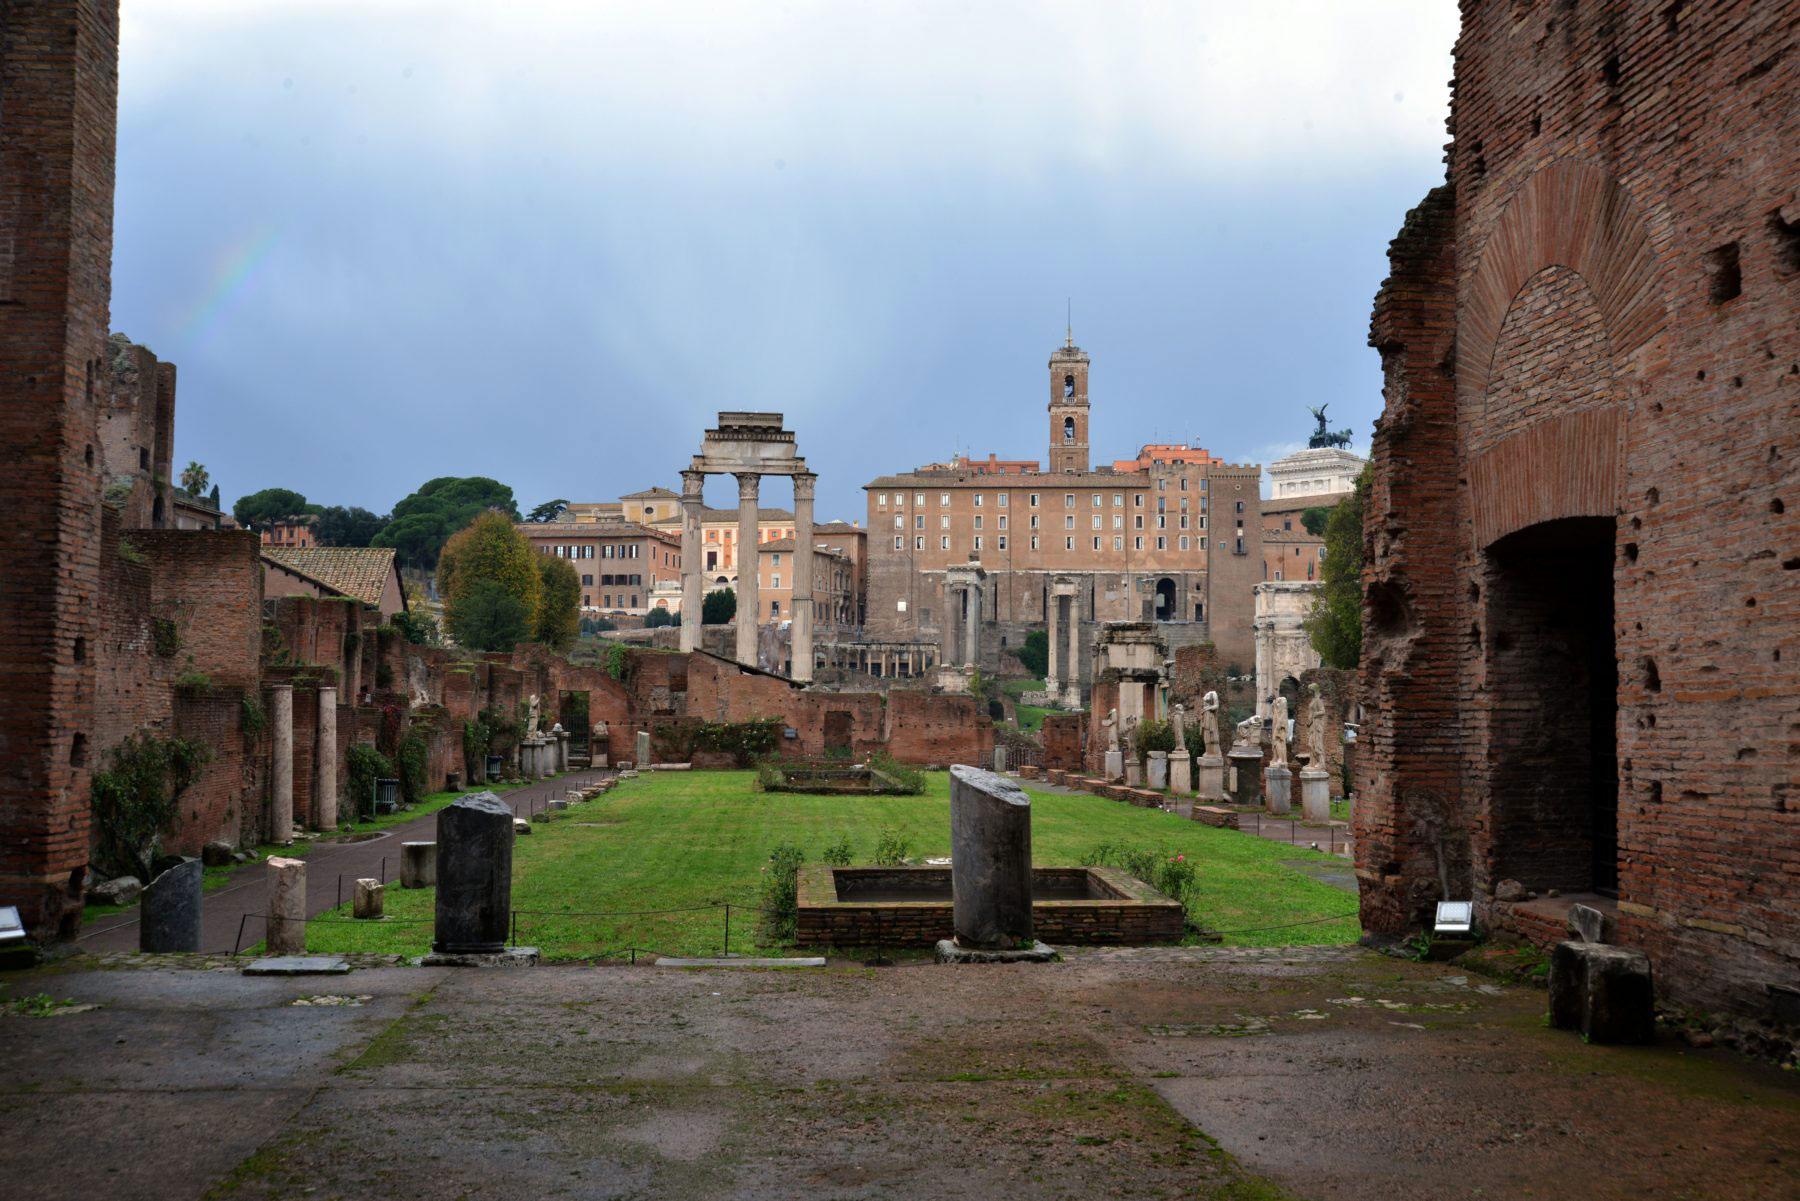 Roma, apre al pubblico la Casa delle Vestali dopo un lungo progetto di recupero